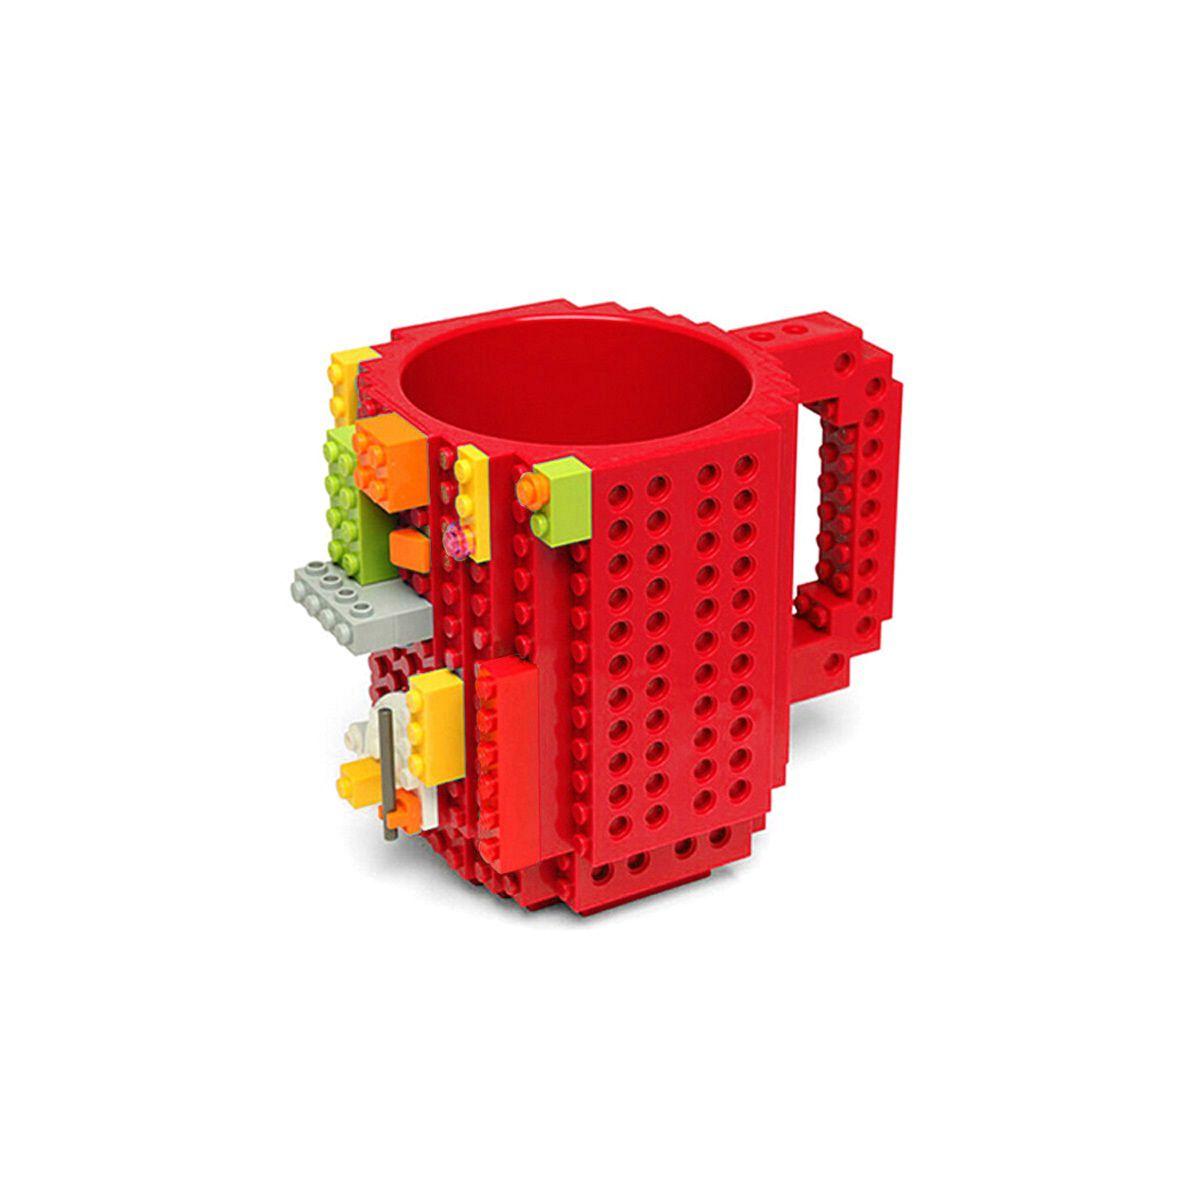 Caneca Lego Bloco de Montar Compativel peças Lego Vermelha